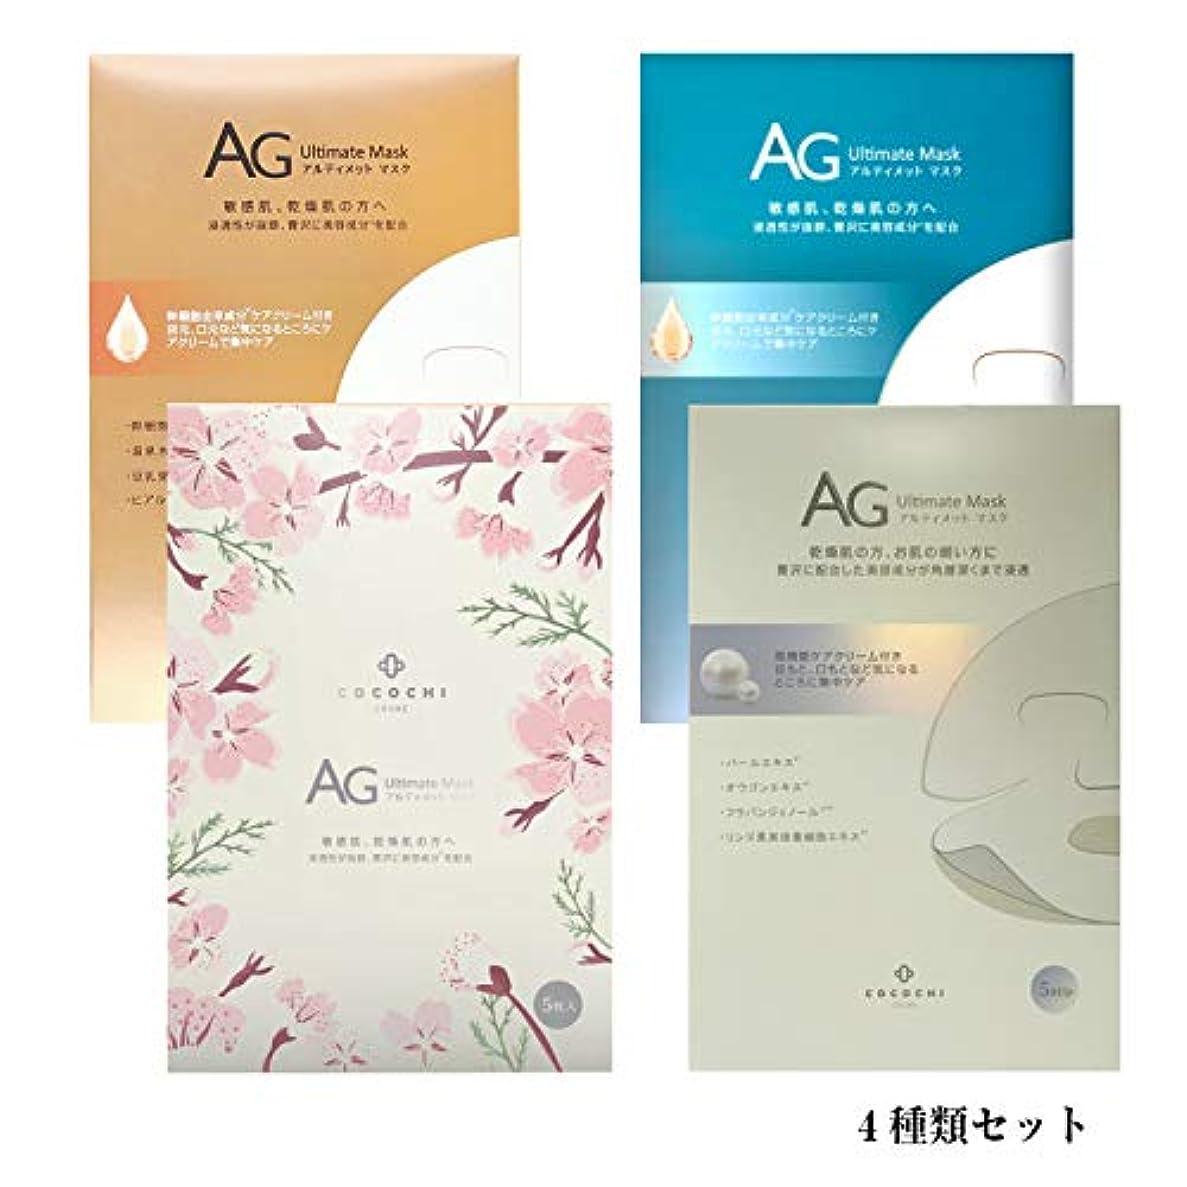 ホップ上院頭痛AGアルティメットマスク 4種類セット AG アルティメットマスク/オーシャンマスク/さくら/アコヤ真珠マスク